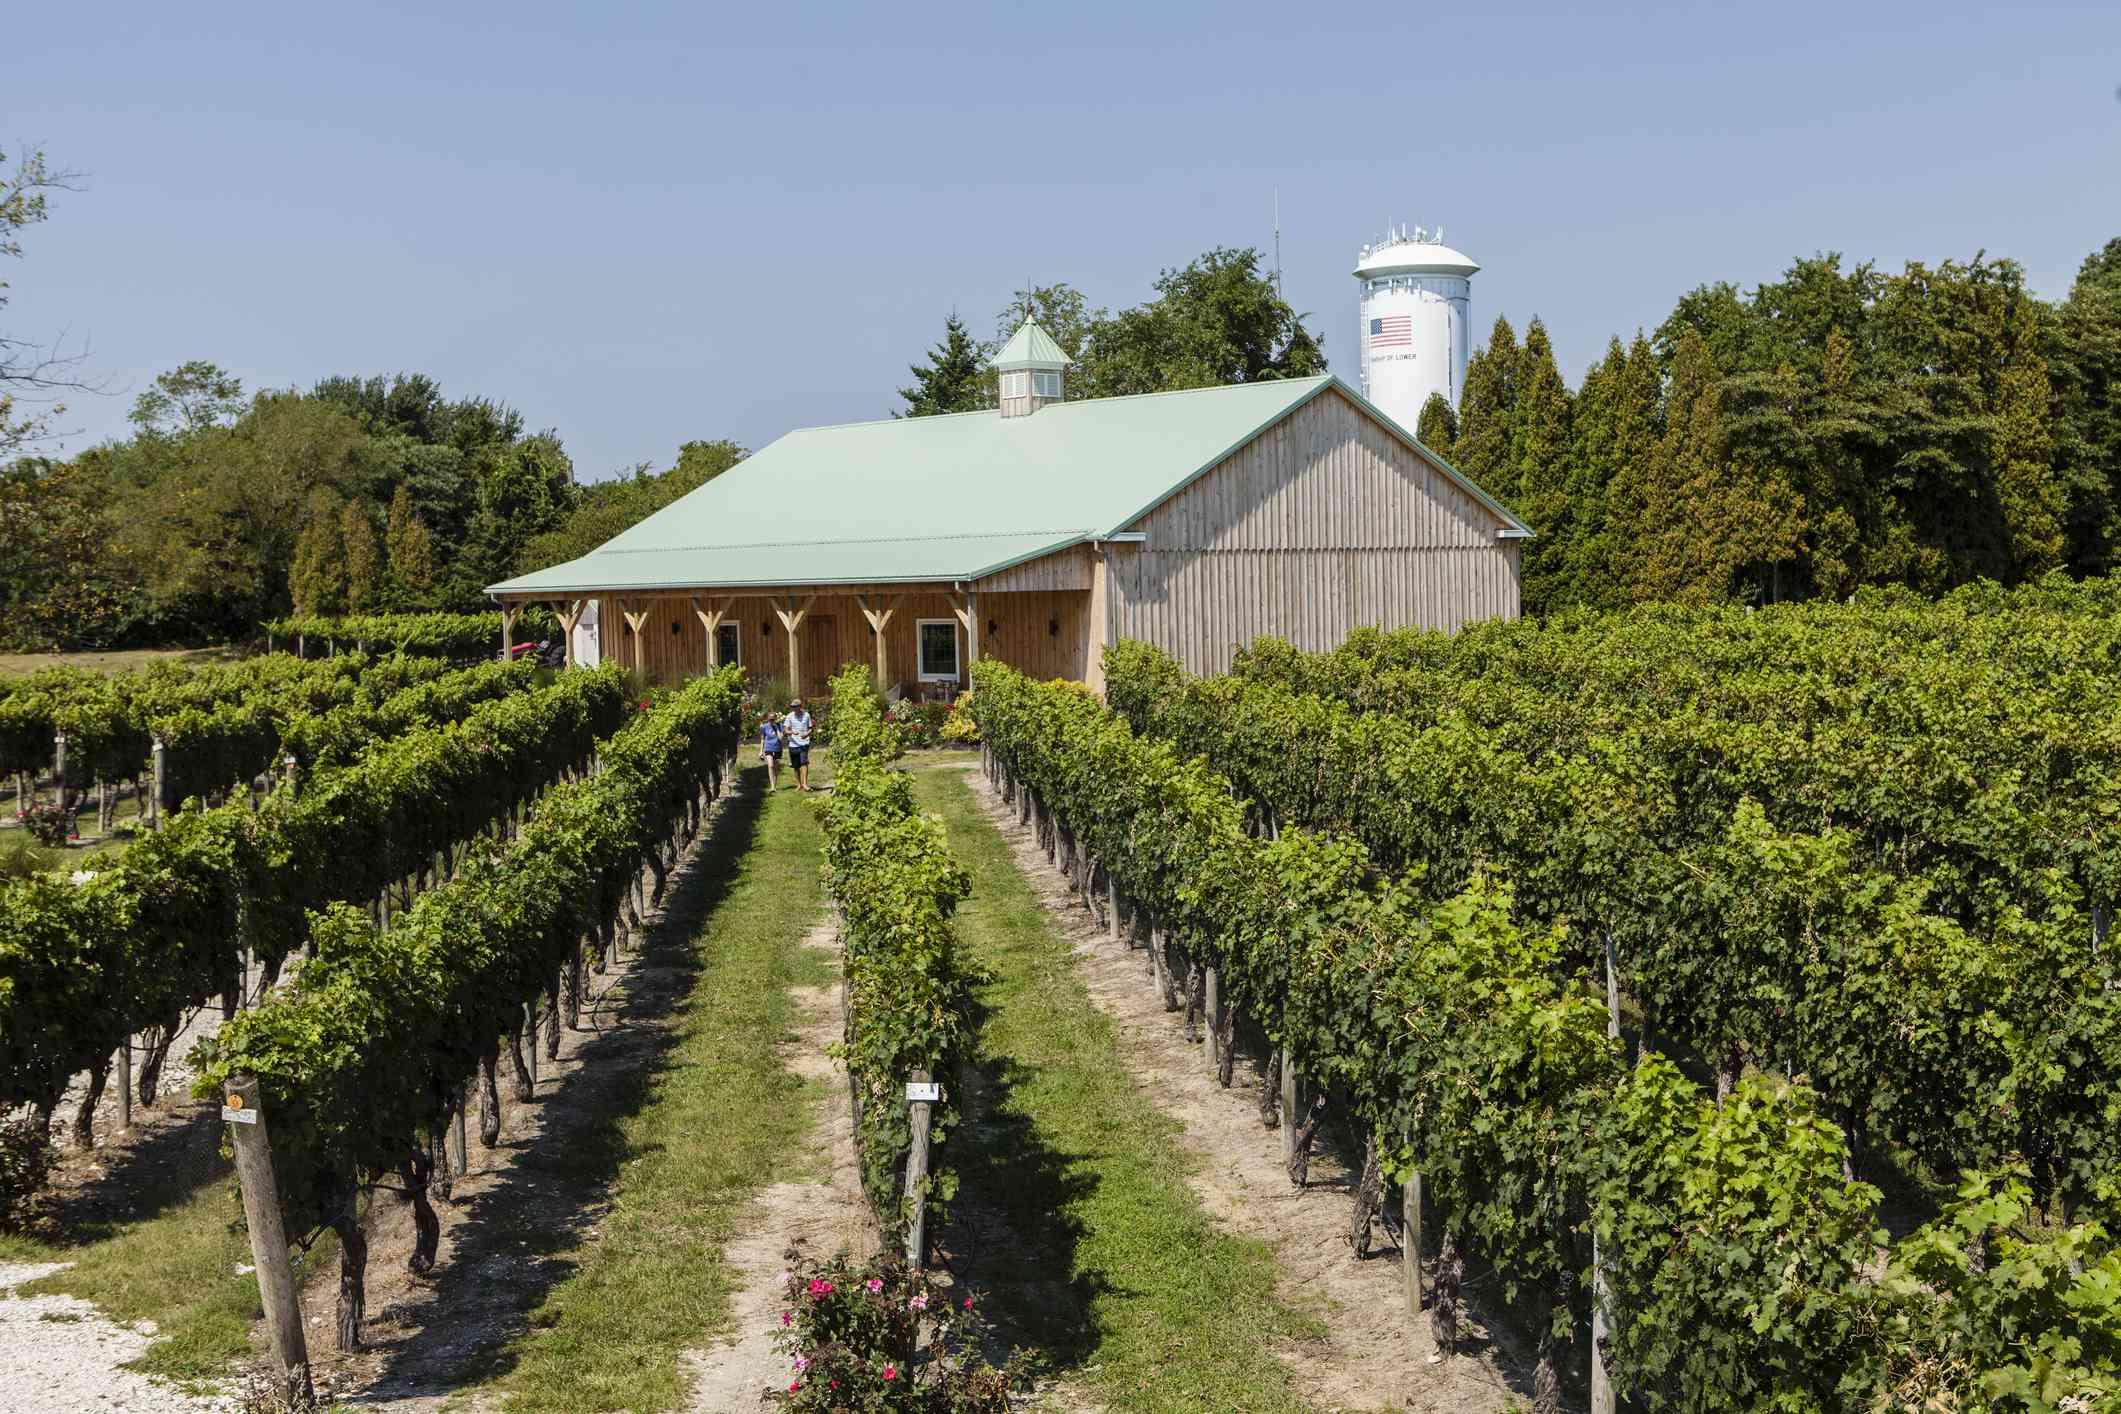 Cabernet Sauvignon grape vines